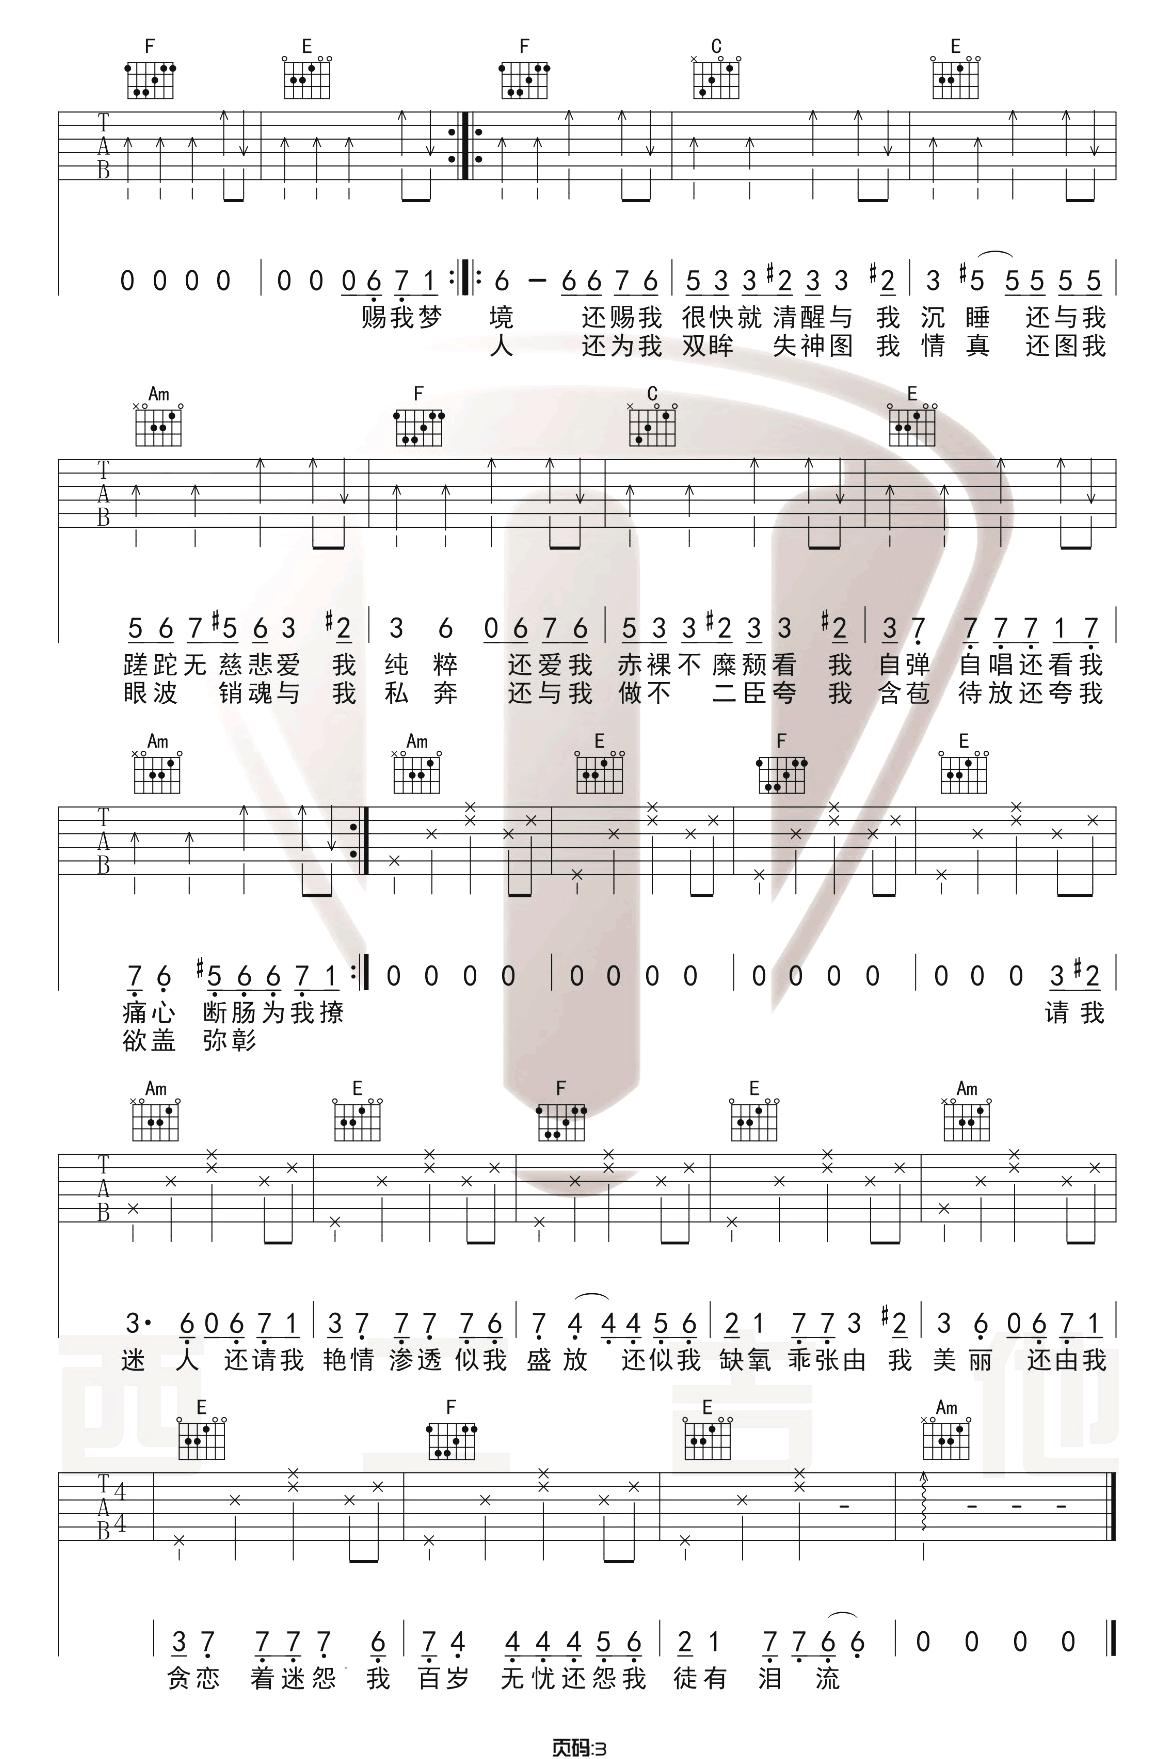 《易燃易爆炸》吉他谱_陈粒_C调原版吉他弹唱六线谱_高清图片谱3